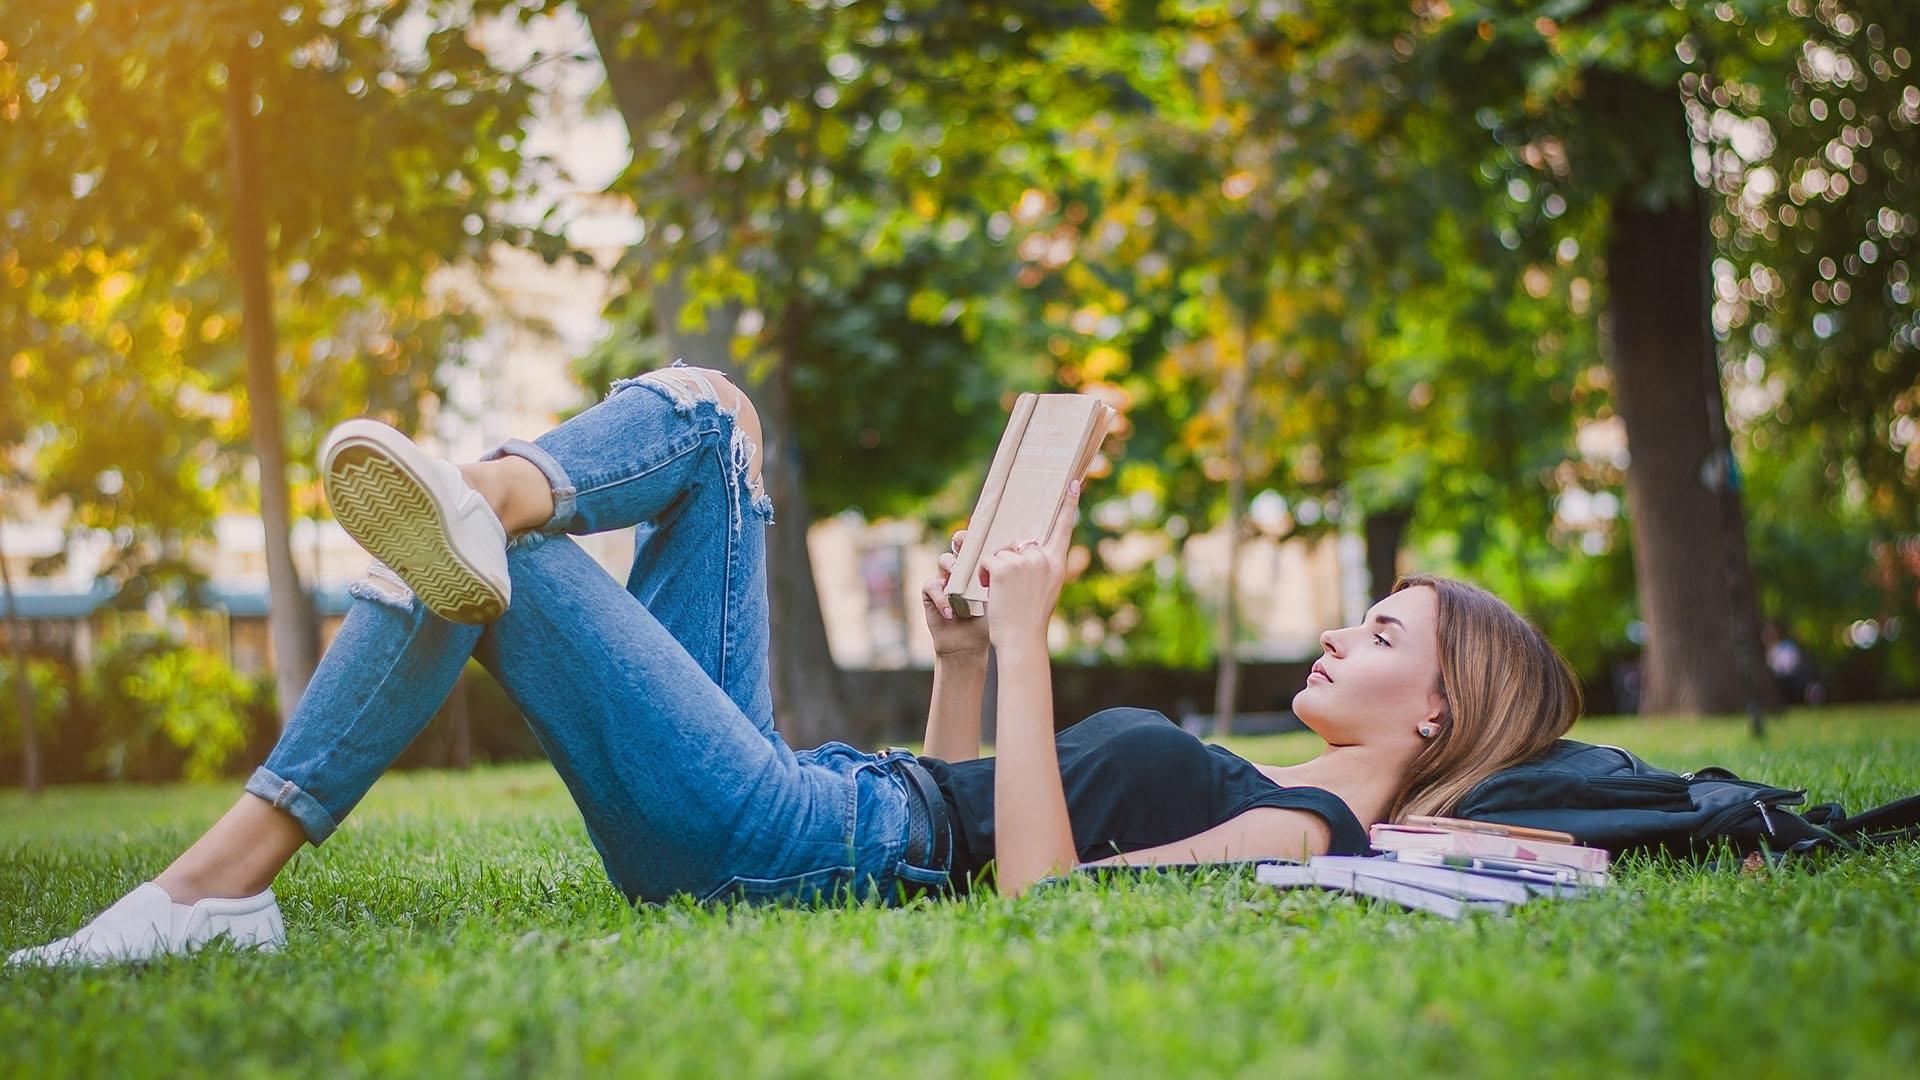 Grünflächen verbessern unser Wohlbefinden